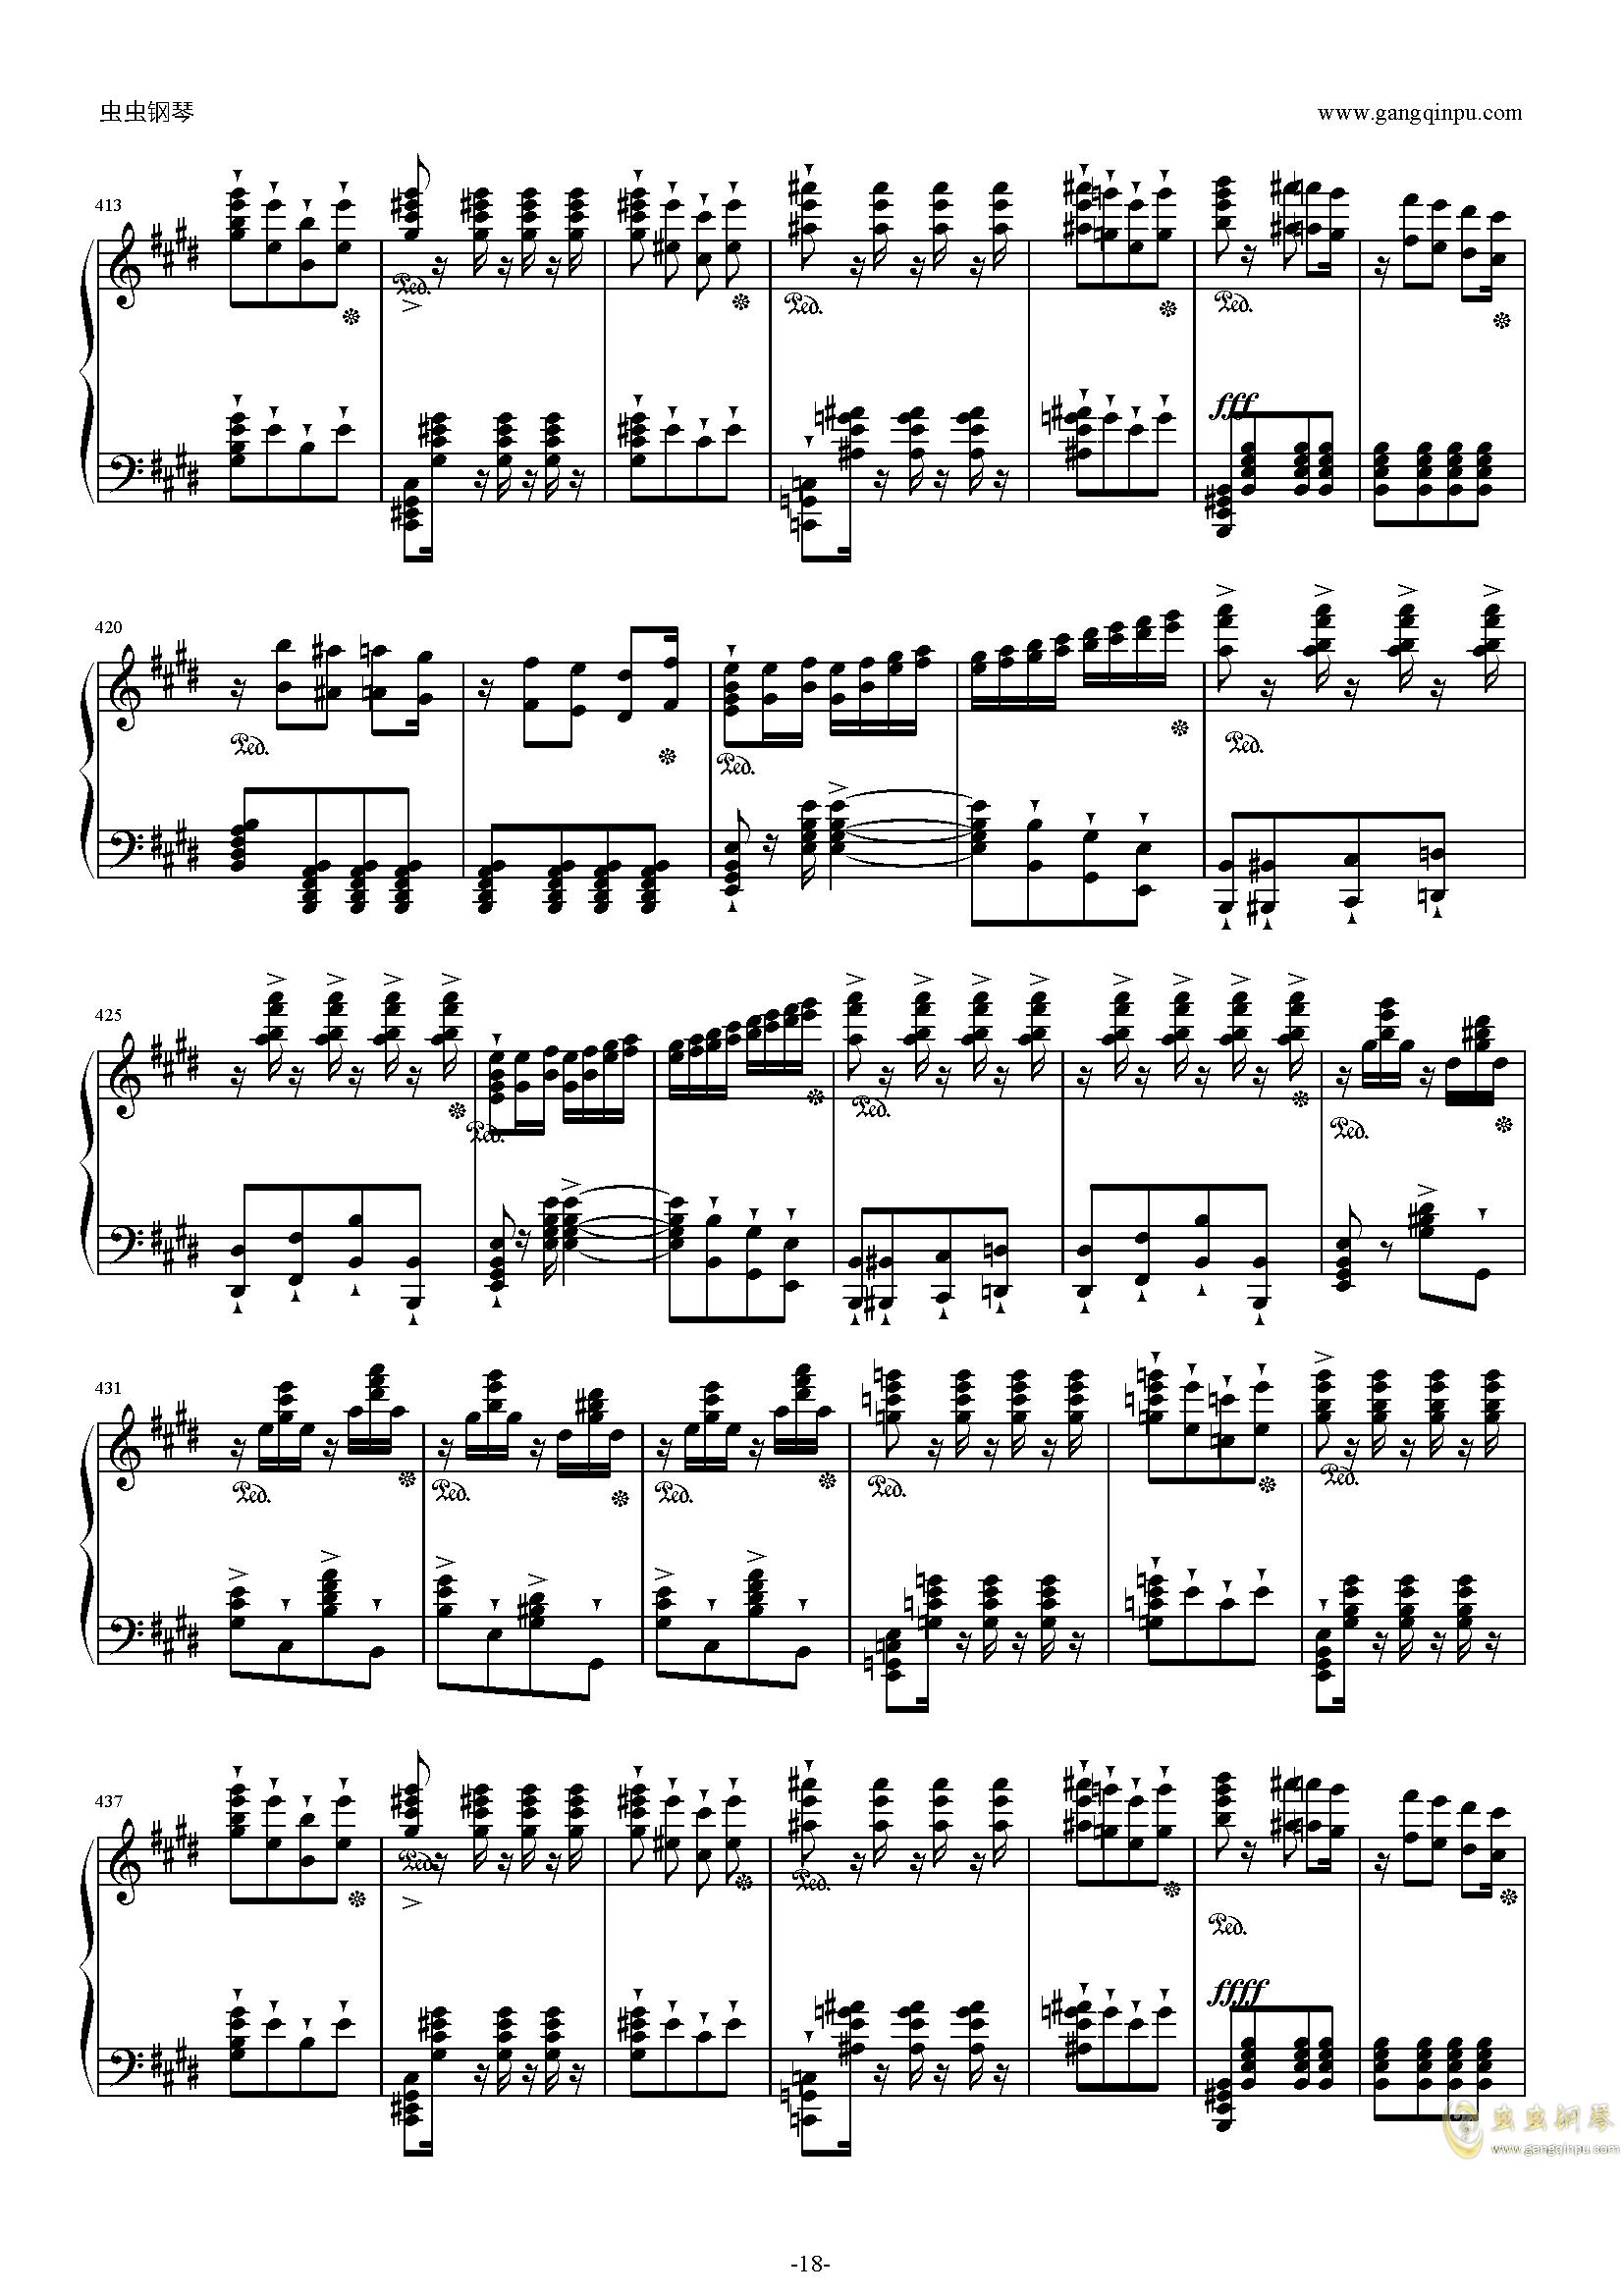 威廉・退尔序曲钢琴谱 第18页